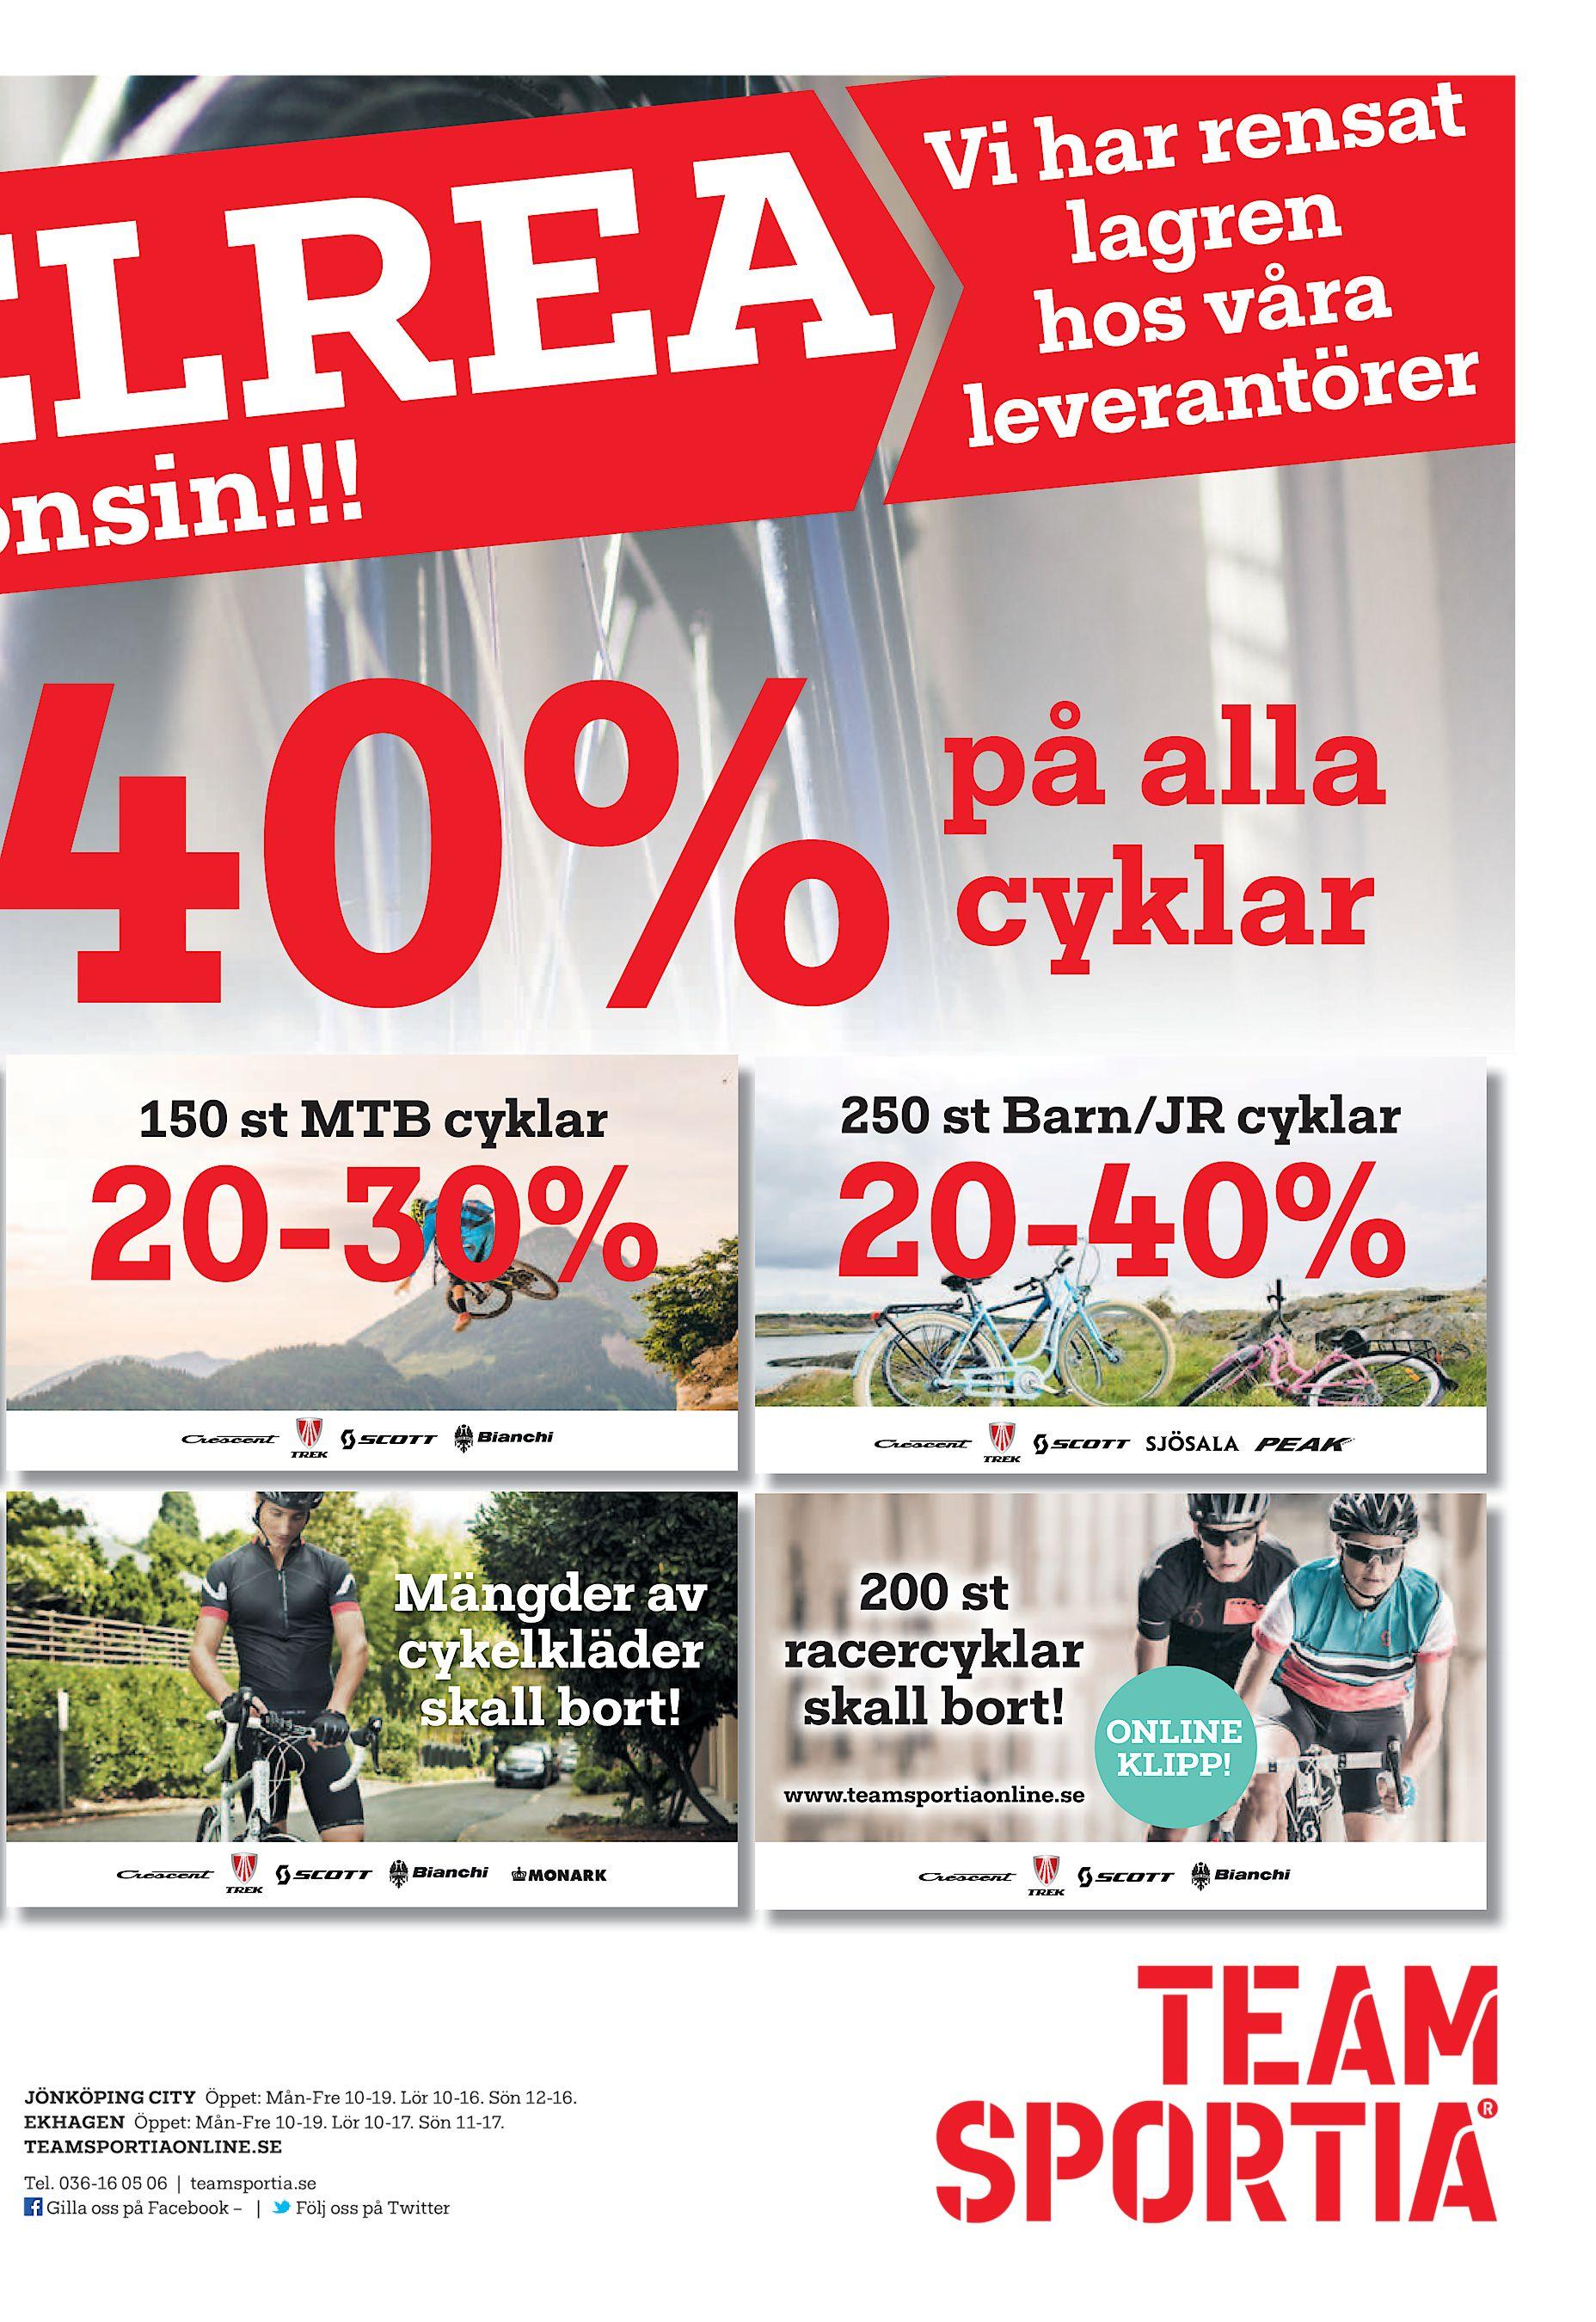 EA LR E sin!!! on 40% 150 st MTB cyklar 20-30% Mängder av cykelkläder skall  bort! rensat Vi har lagren os våra h antörer lever på alla cyklar 250 st  Barn JR ... 2bfaf3f7f9224